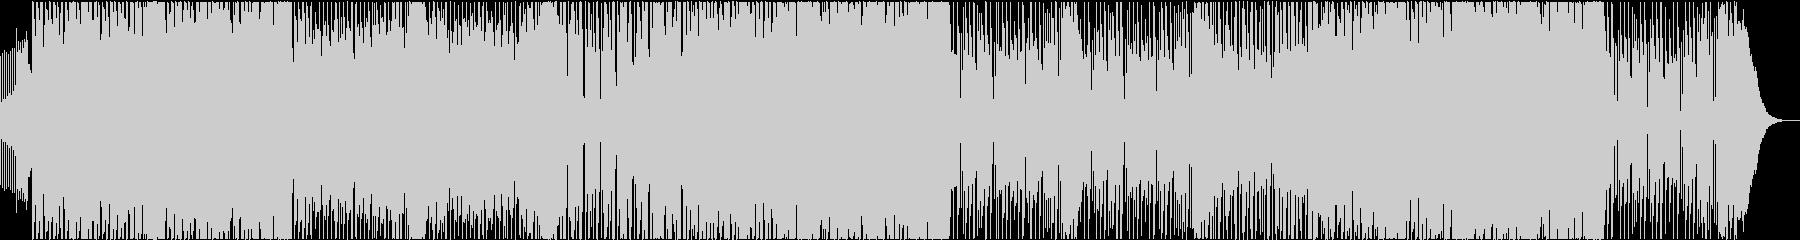 ダブステップ アクション スピードEDMの未再生の波形